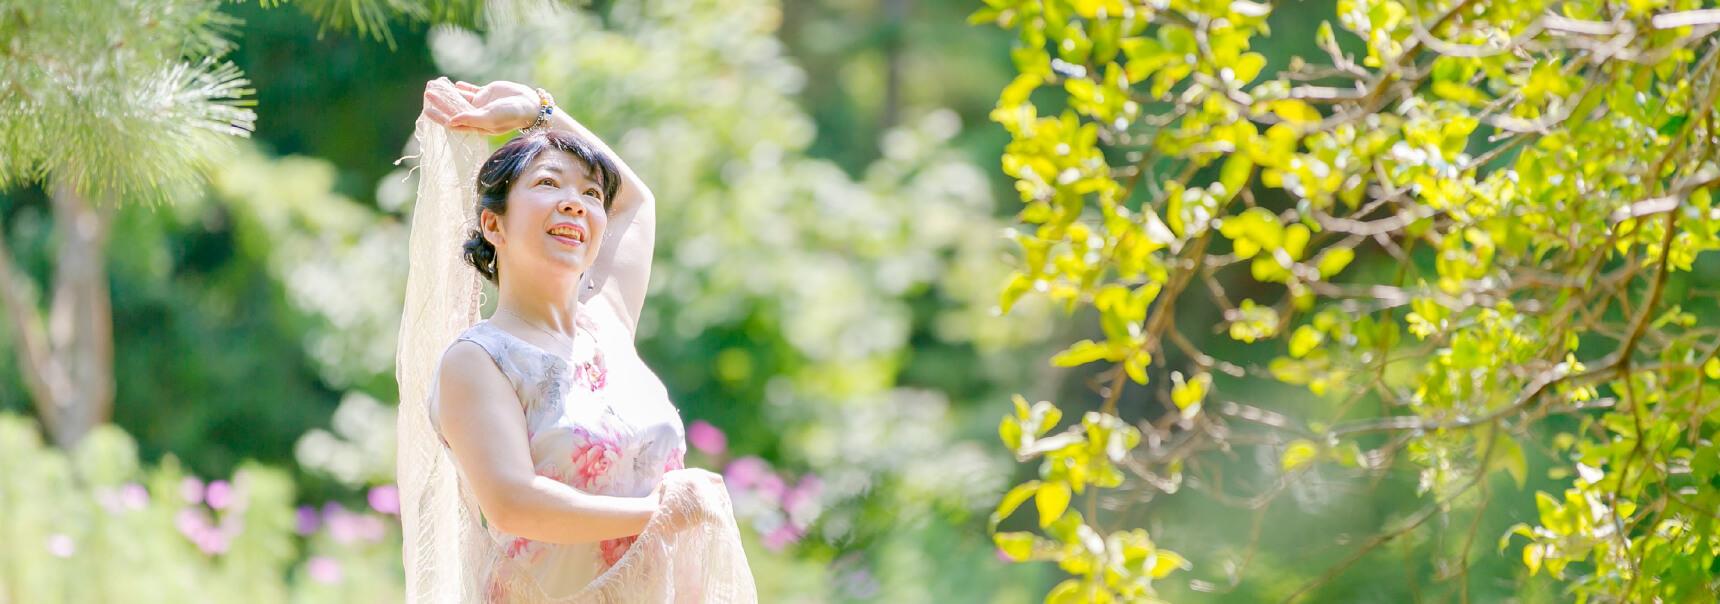 廣垣 ユミ子